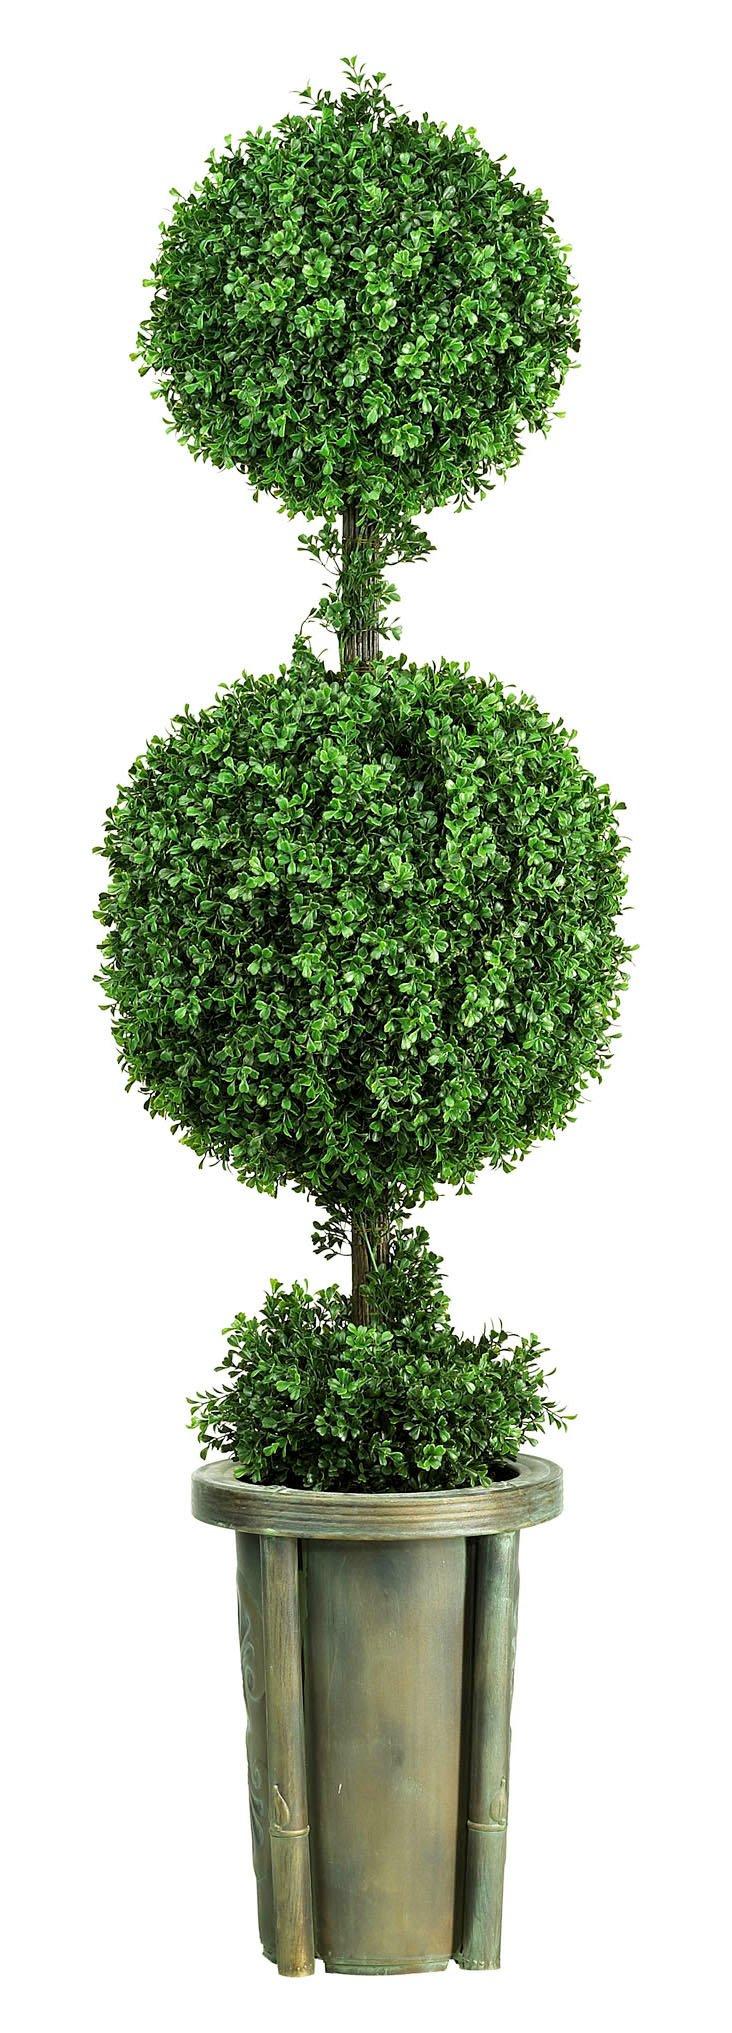 5' Leucodendron Topiary w/ Vase